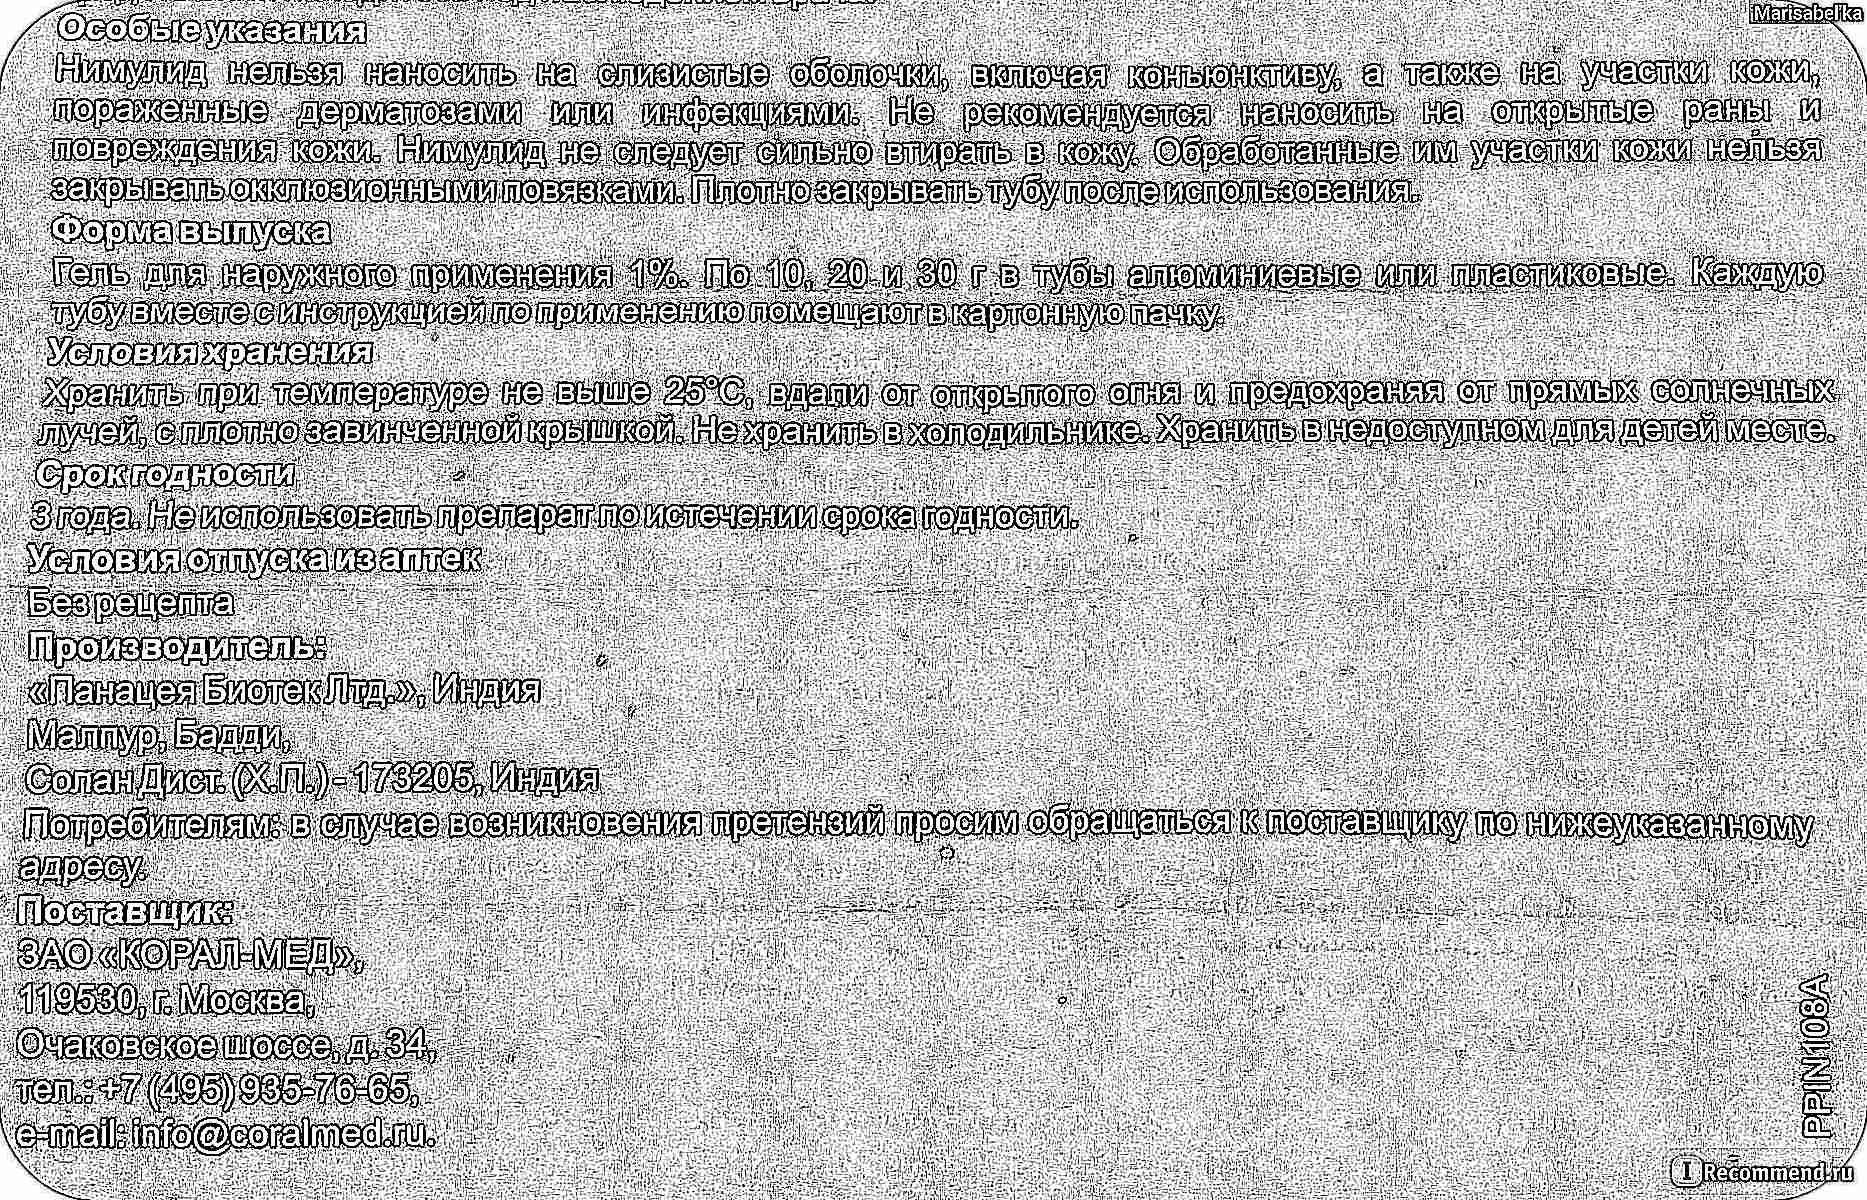 afu236u.exe инструкция по применению